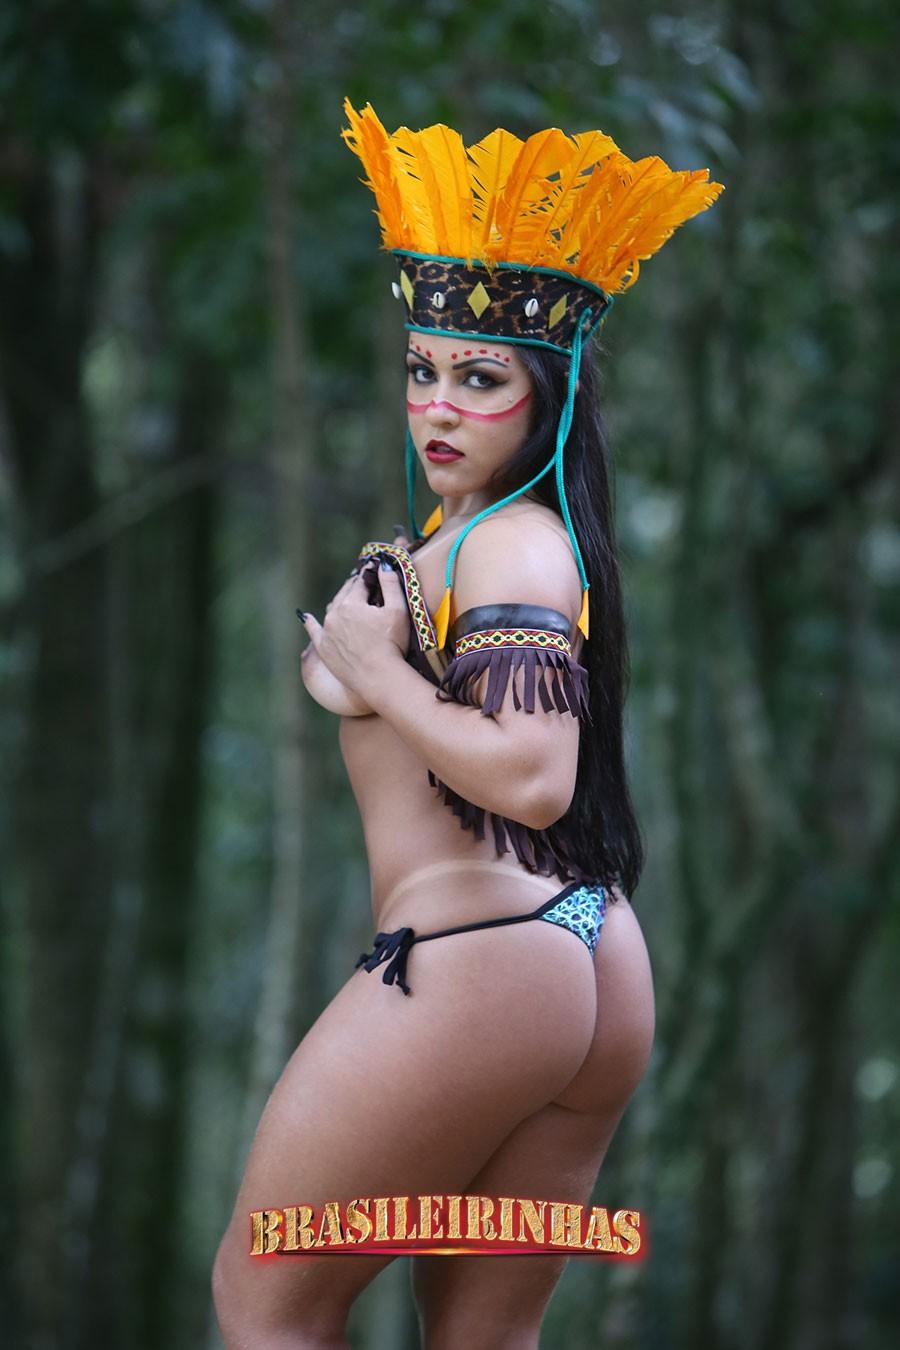 india-Rebecca-Santos-na-Brasileirinhas.jpg